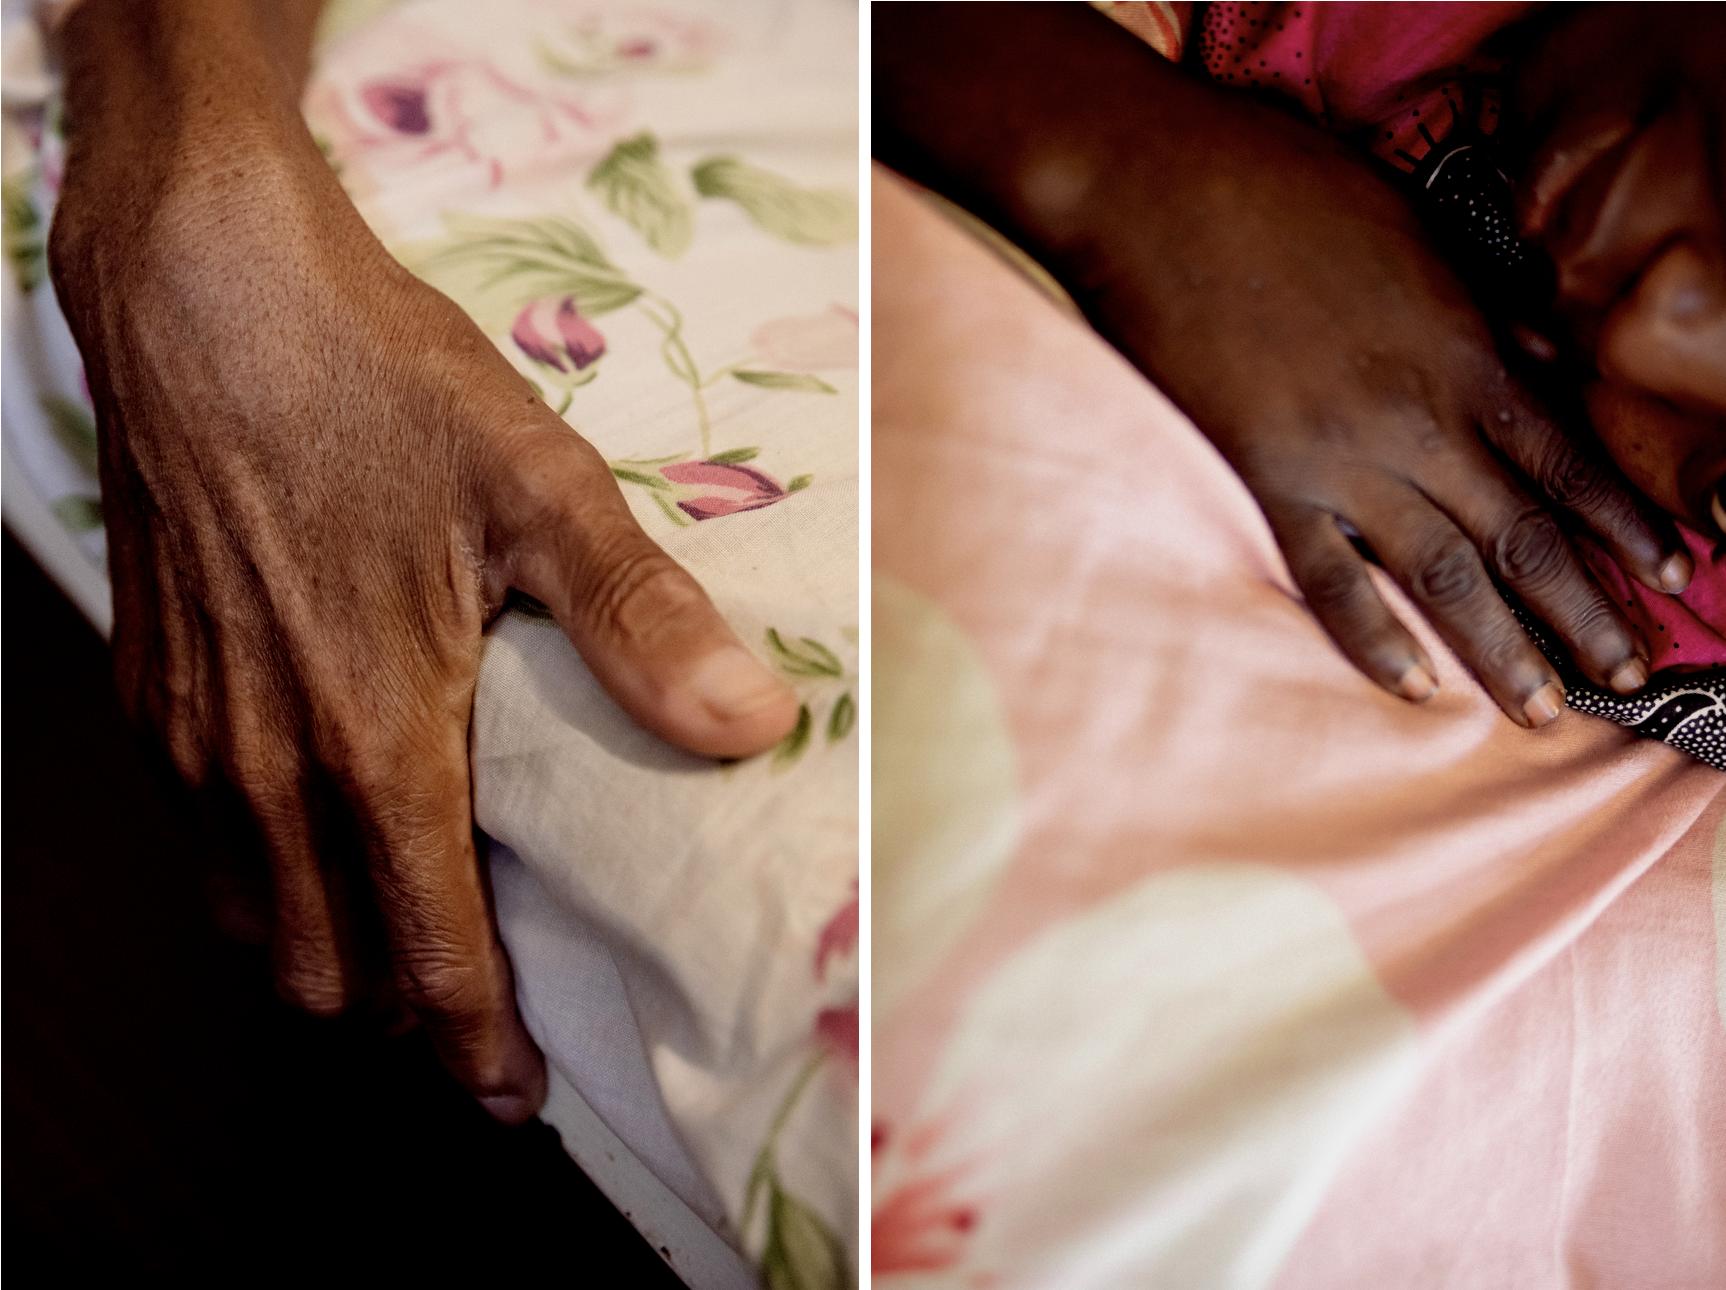 Mains de patients pris en charge à l'hôpital communautaire de Bangui, novembre 2020. Crédit : Adrienne Surprenant/Collectif Item